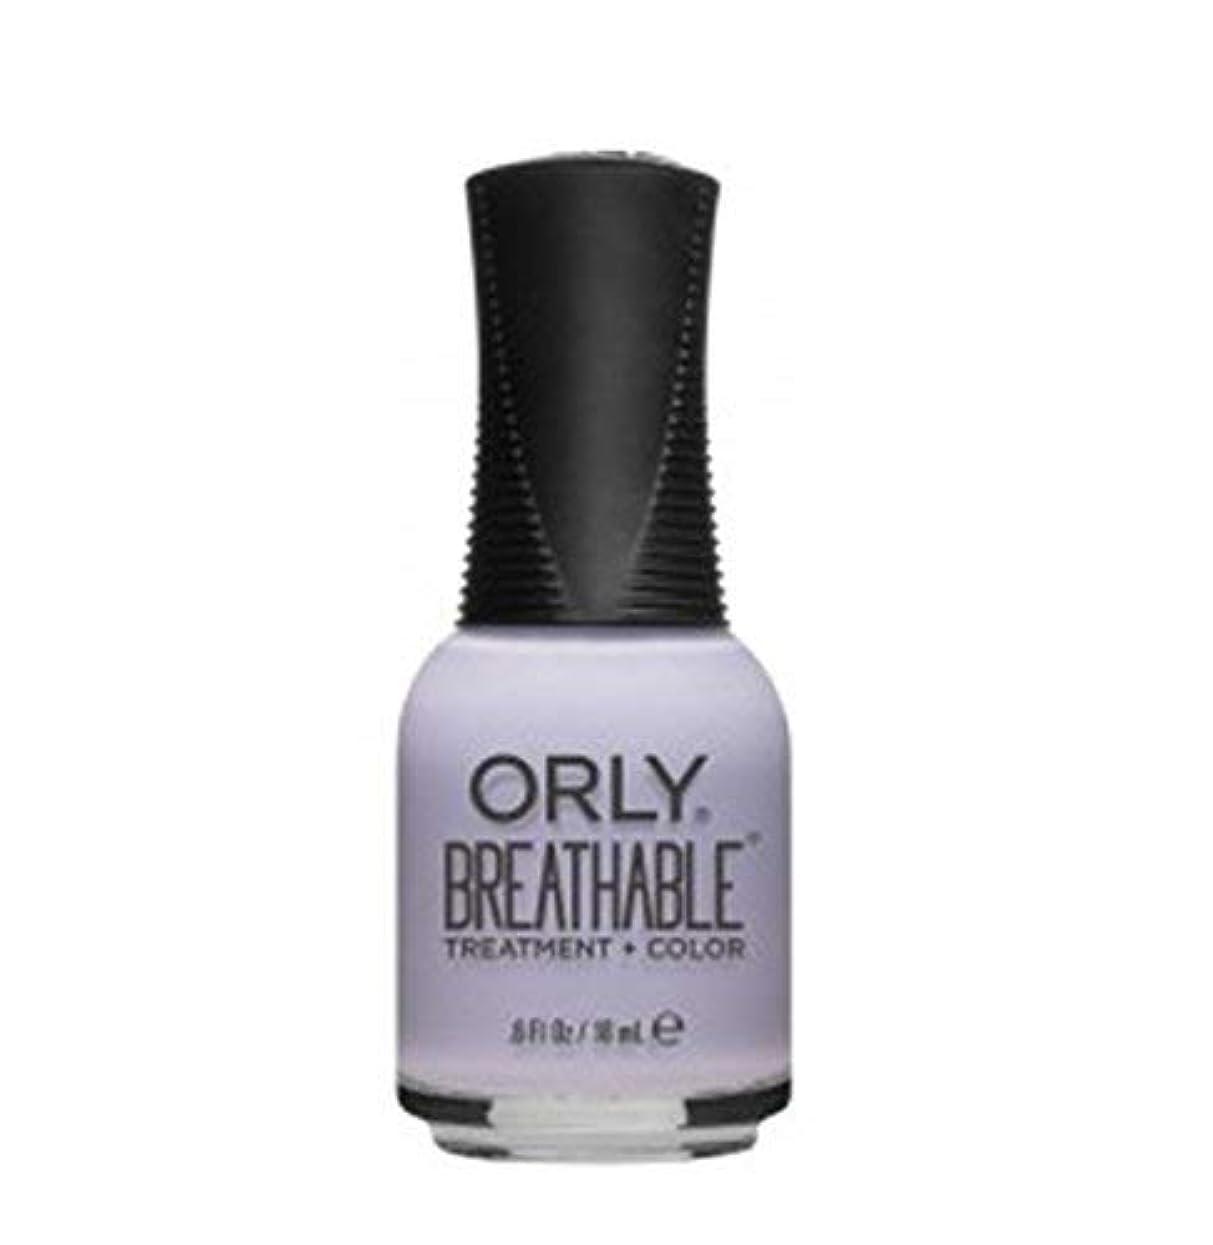 内訳辞書真似るORLY Breathable Lacquer - Treatment+Color - Patience and Peace - 18 ml/0.6 oz